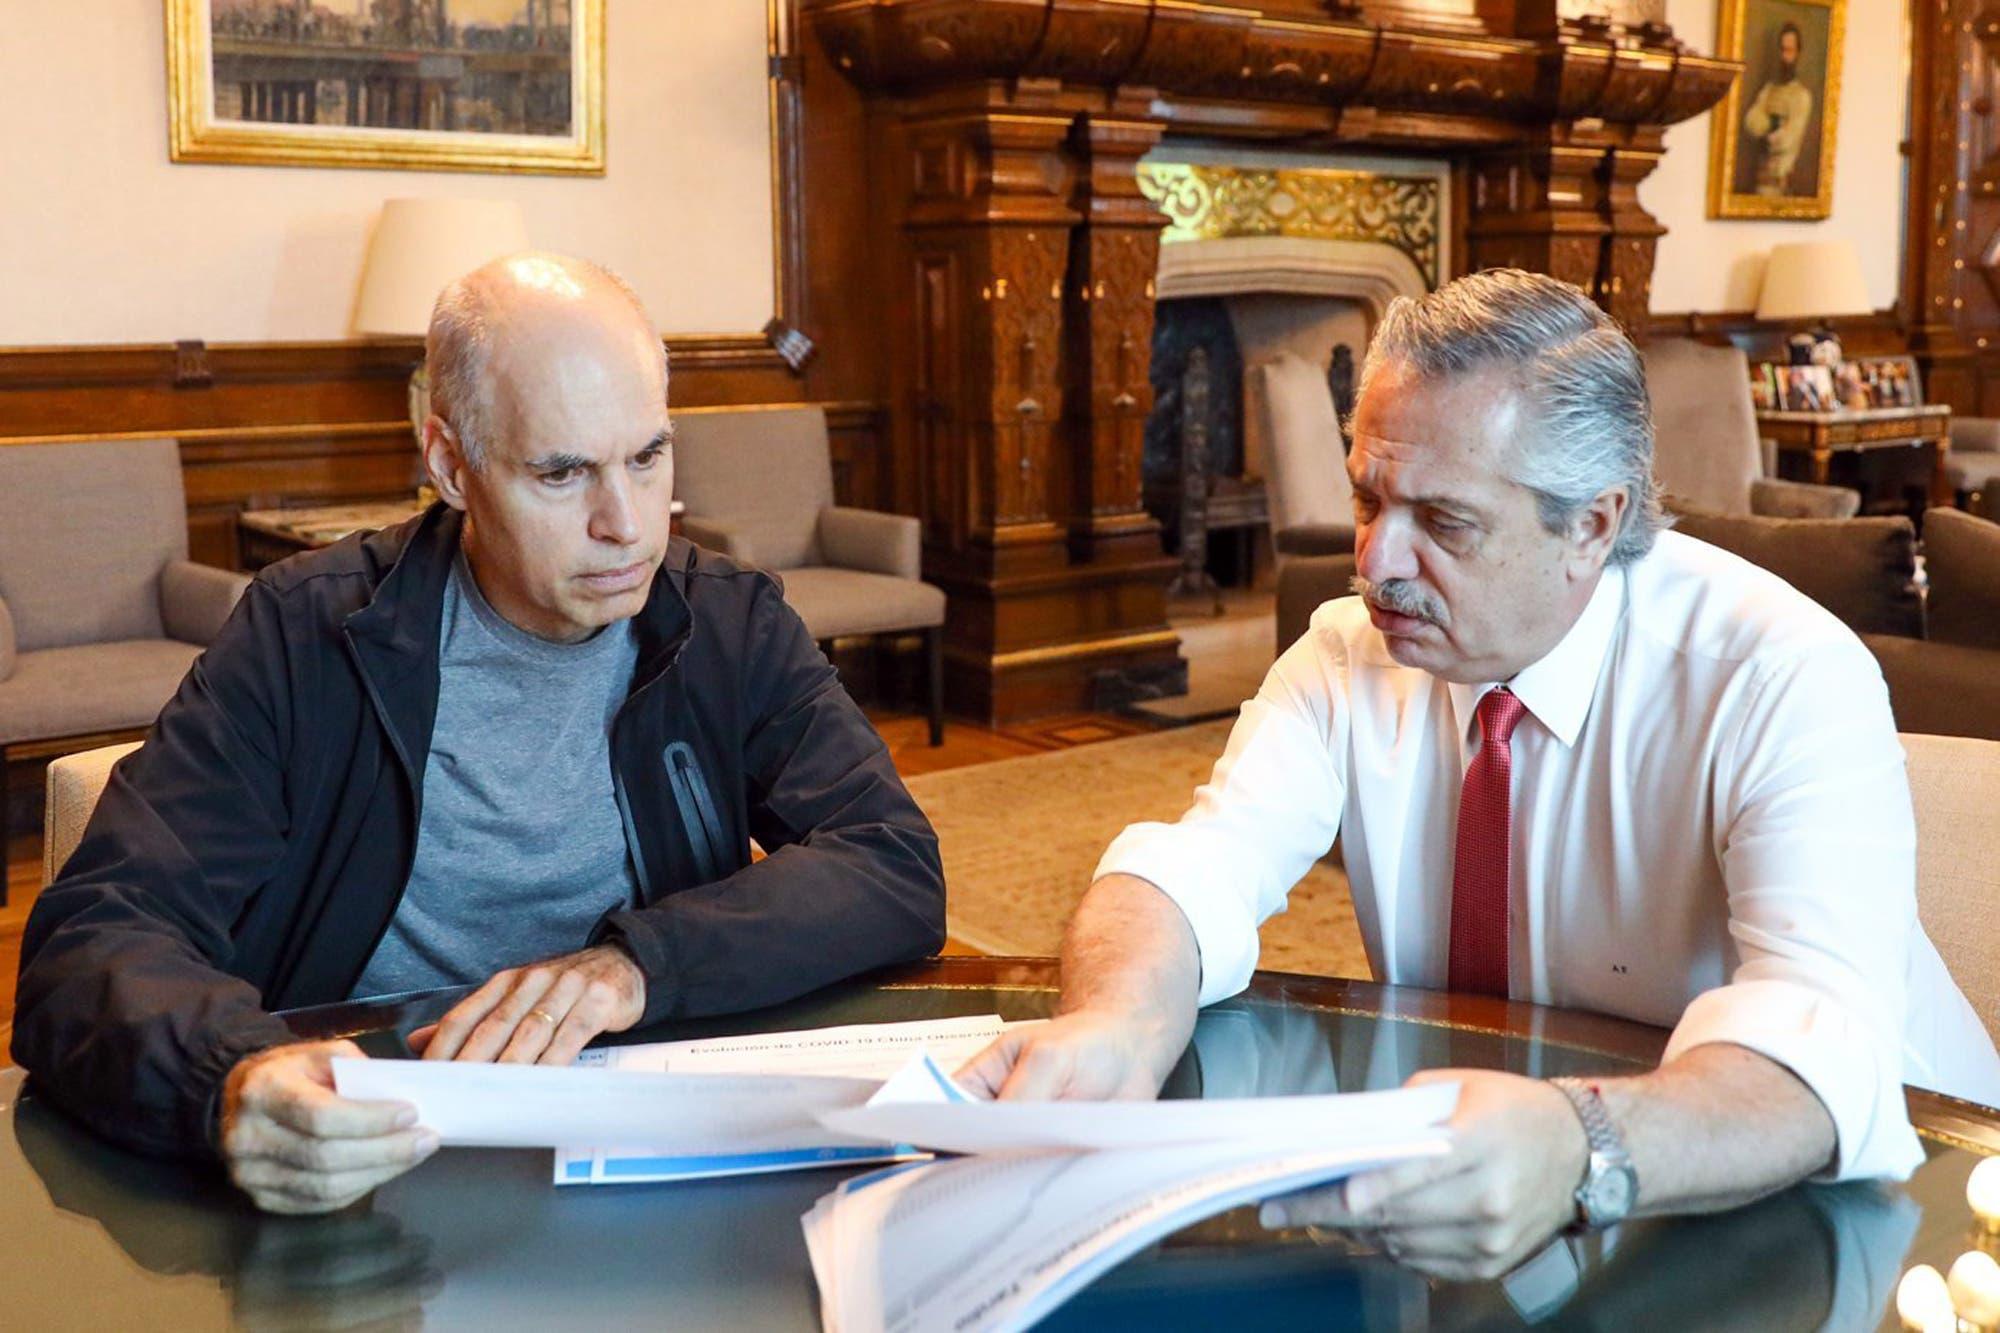 Alberto Fernández y Horacio Rodríguez Larreta no rompen el diálogo, pero la tensión por los recursos anticipa nuevos choques